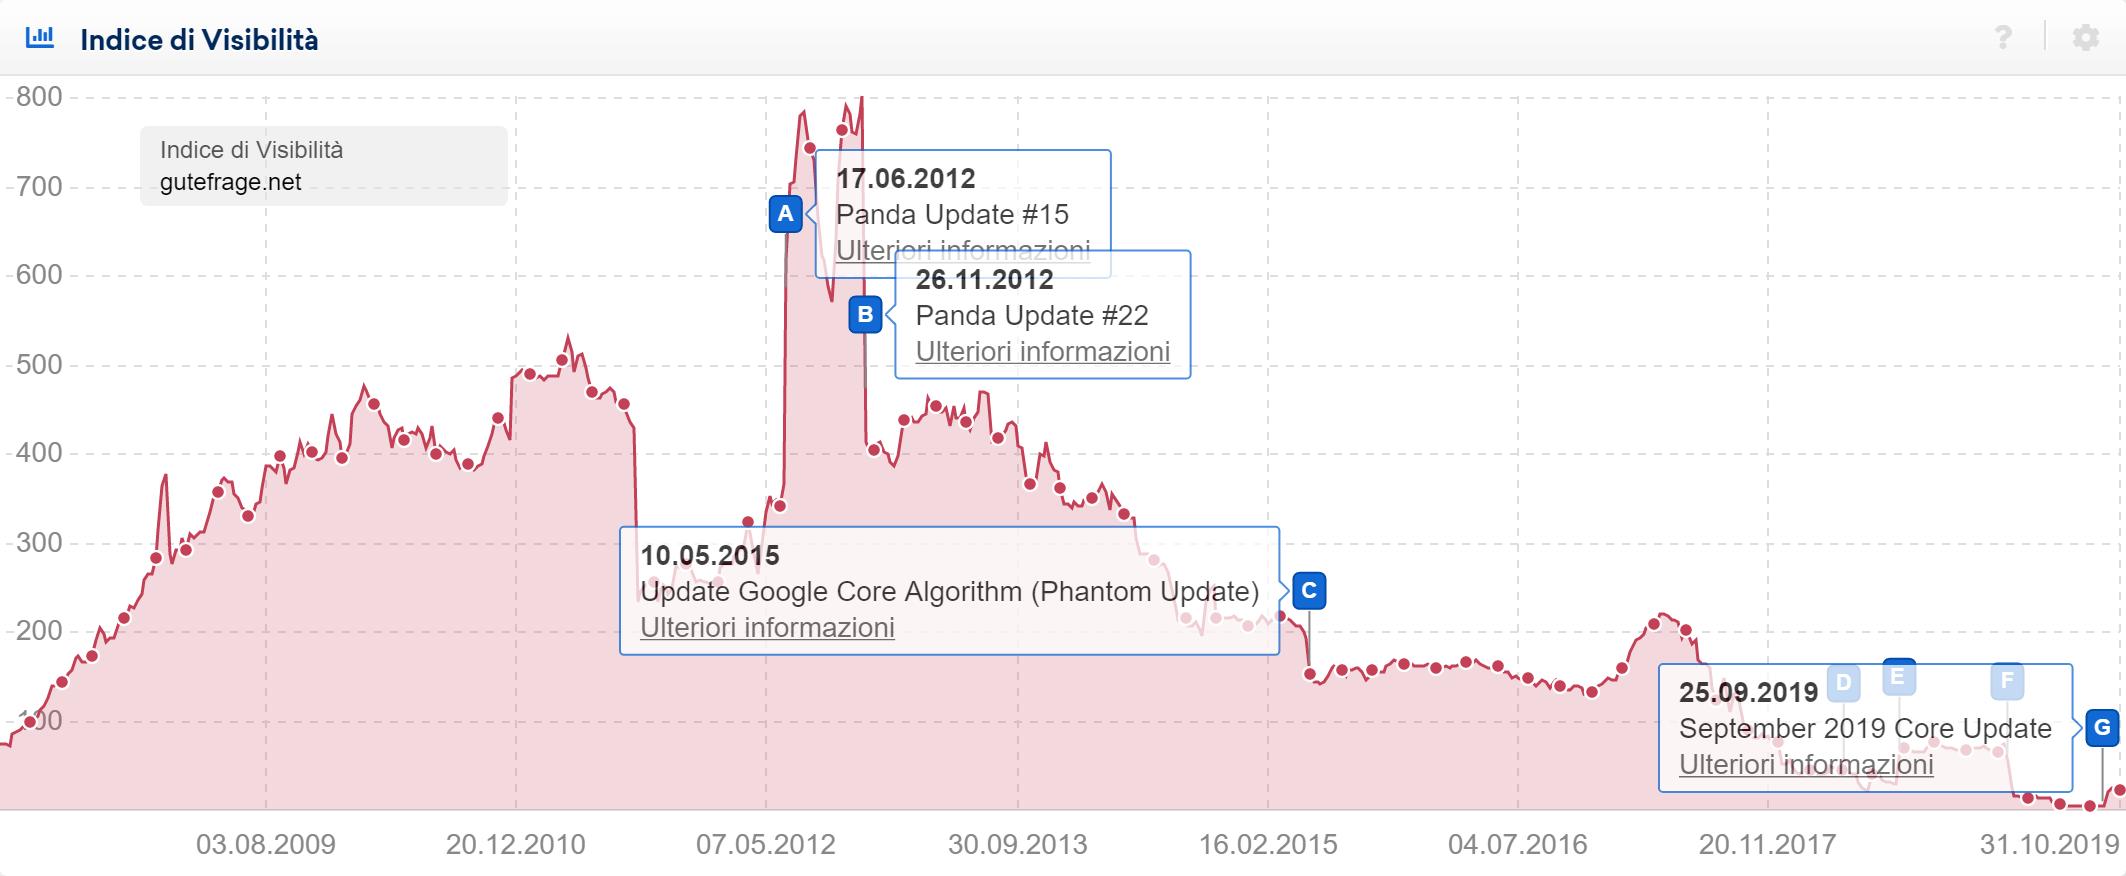 Toolbox SISTRIX: aggiornamenti di Google nell'Indice id Visibilità del dominio gutefrage.net